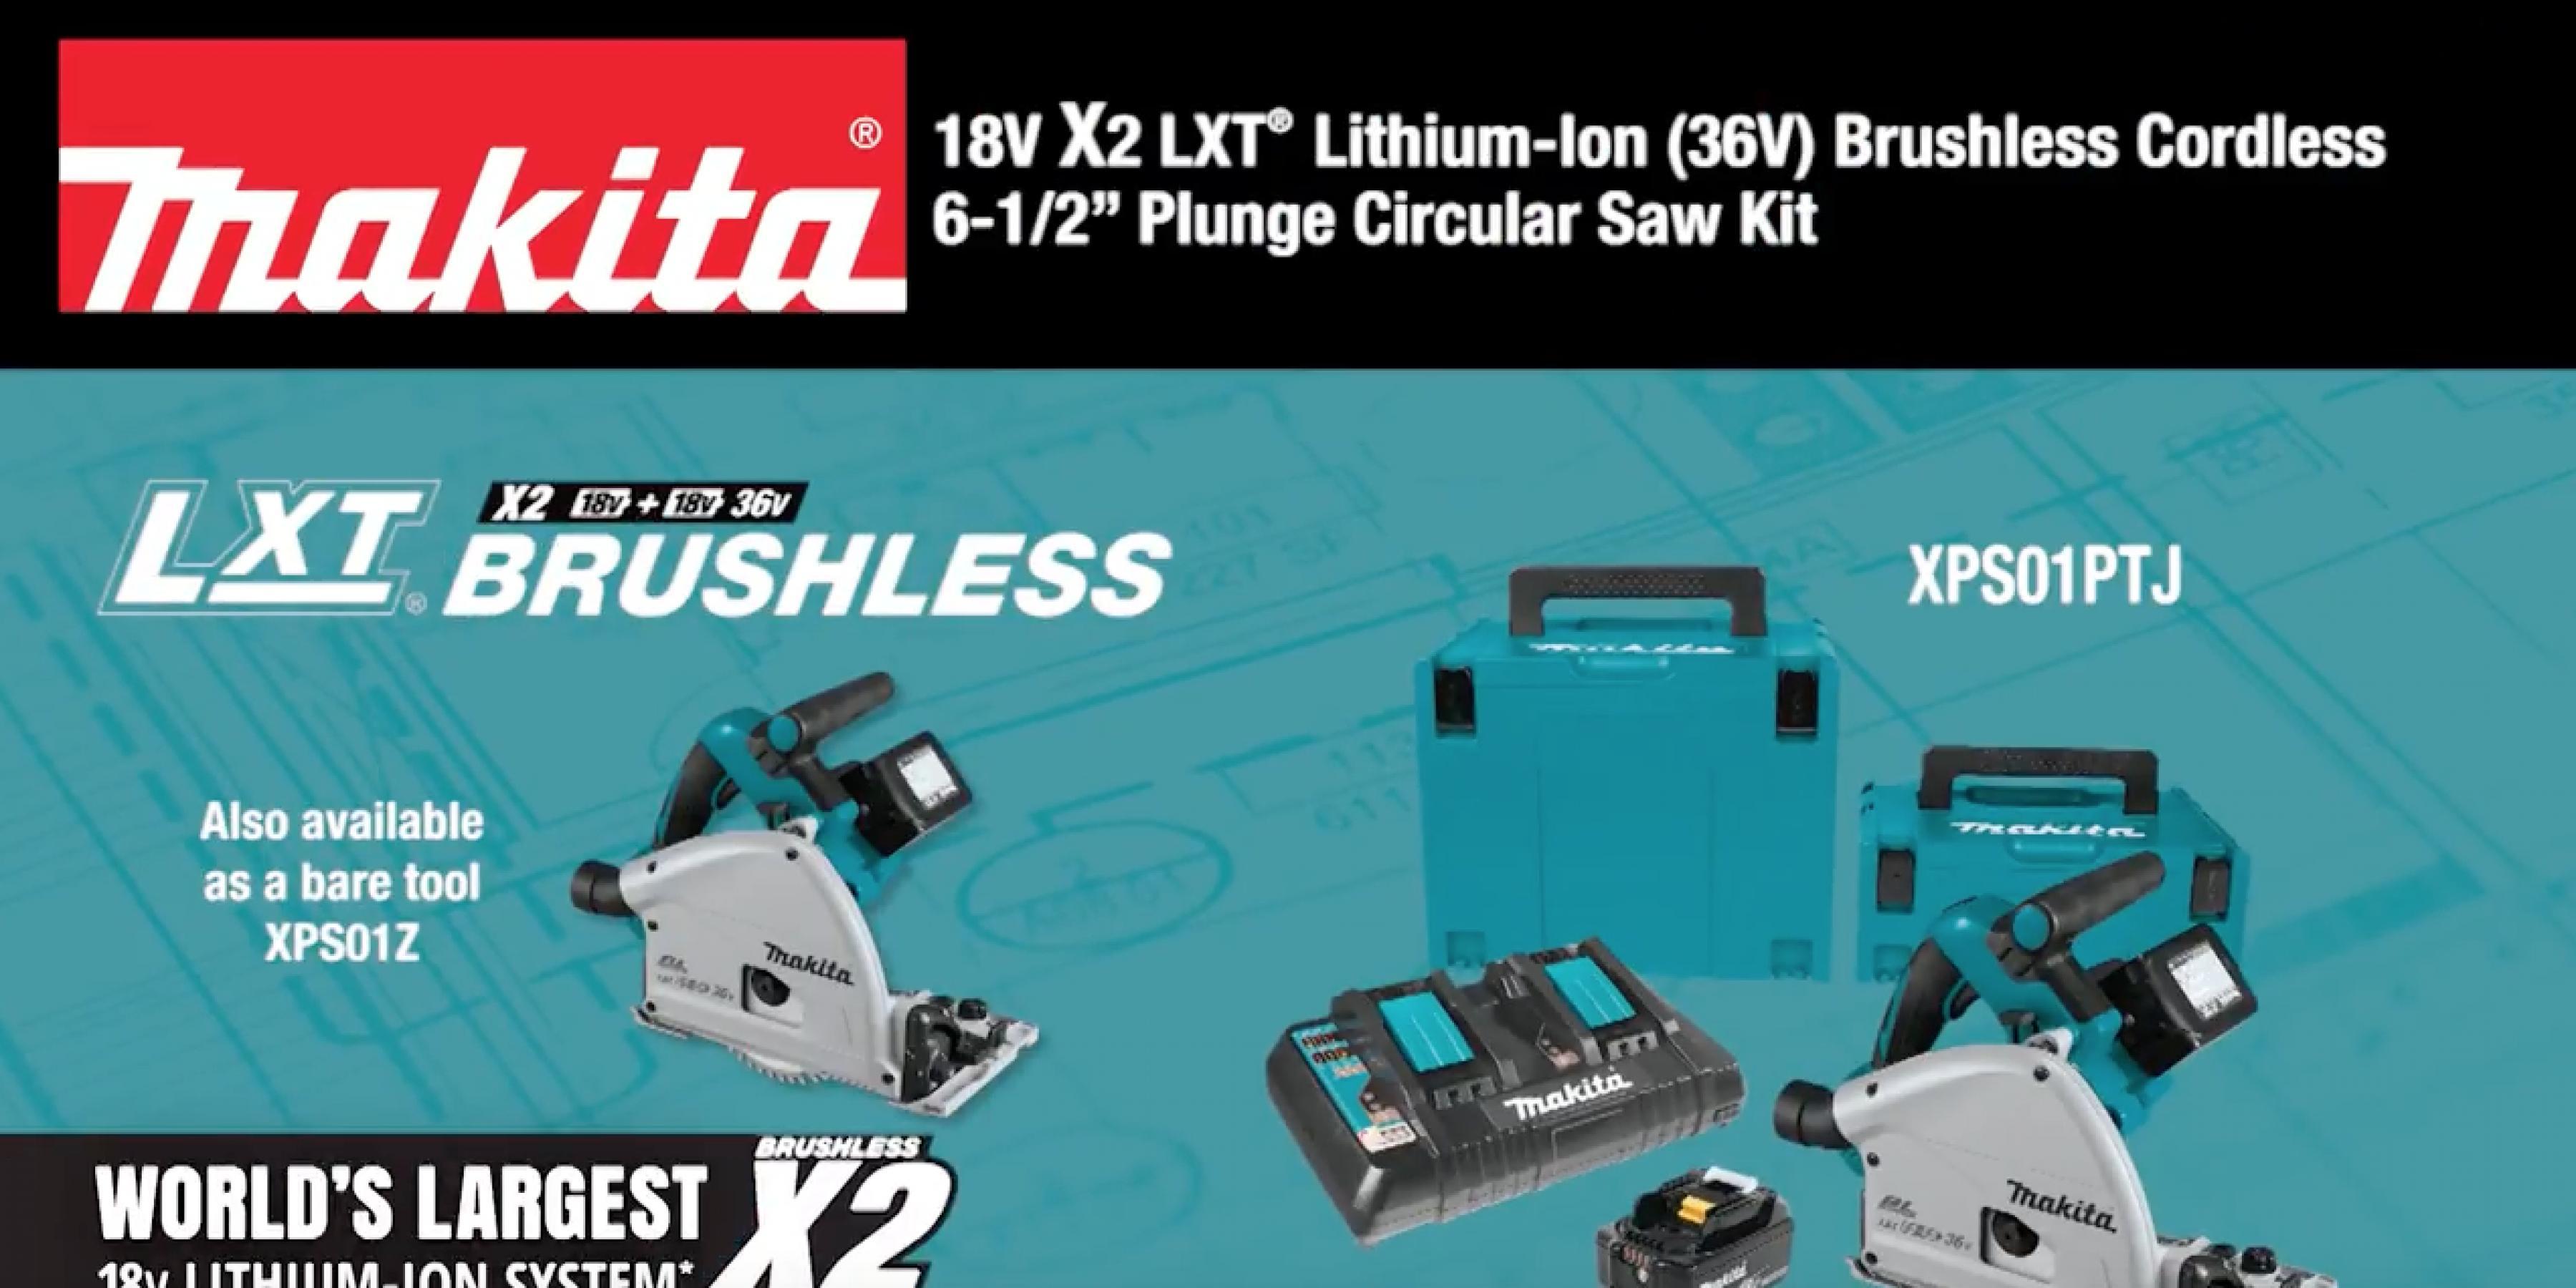 Makita 18V X2 LXT® (36V) Brushless 6-1/2